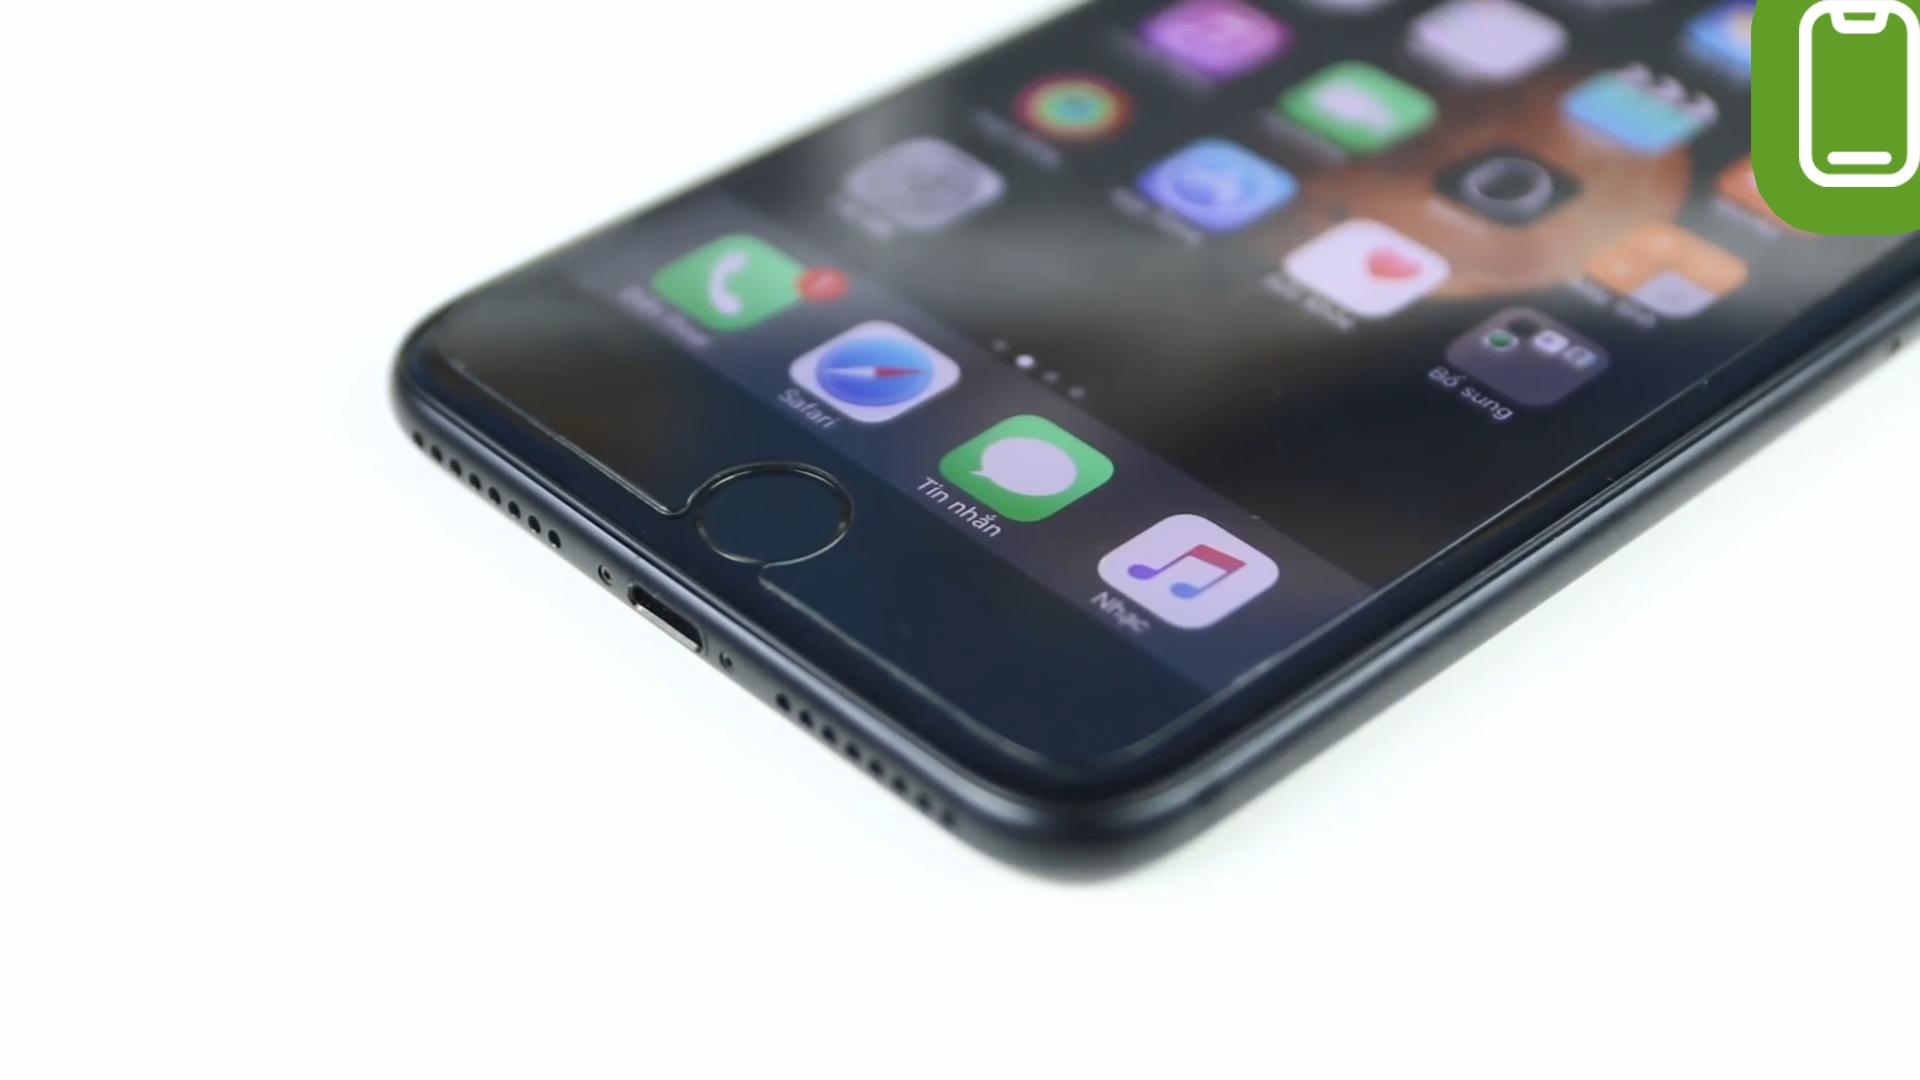 Đánh giá chi tiết iPhone 7 Plus - Ảnh 8